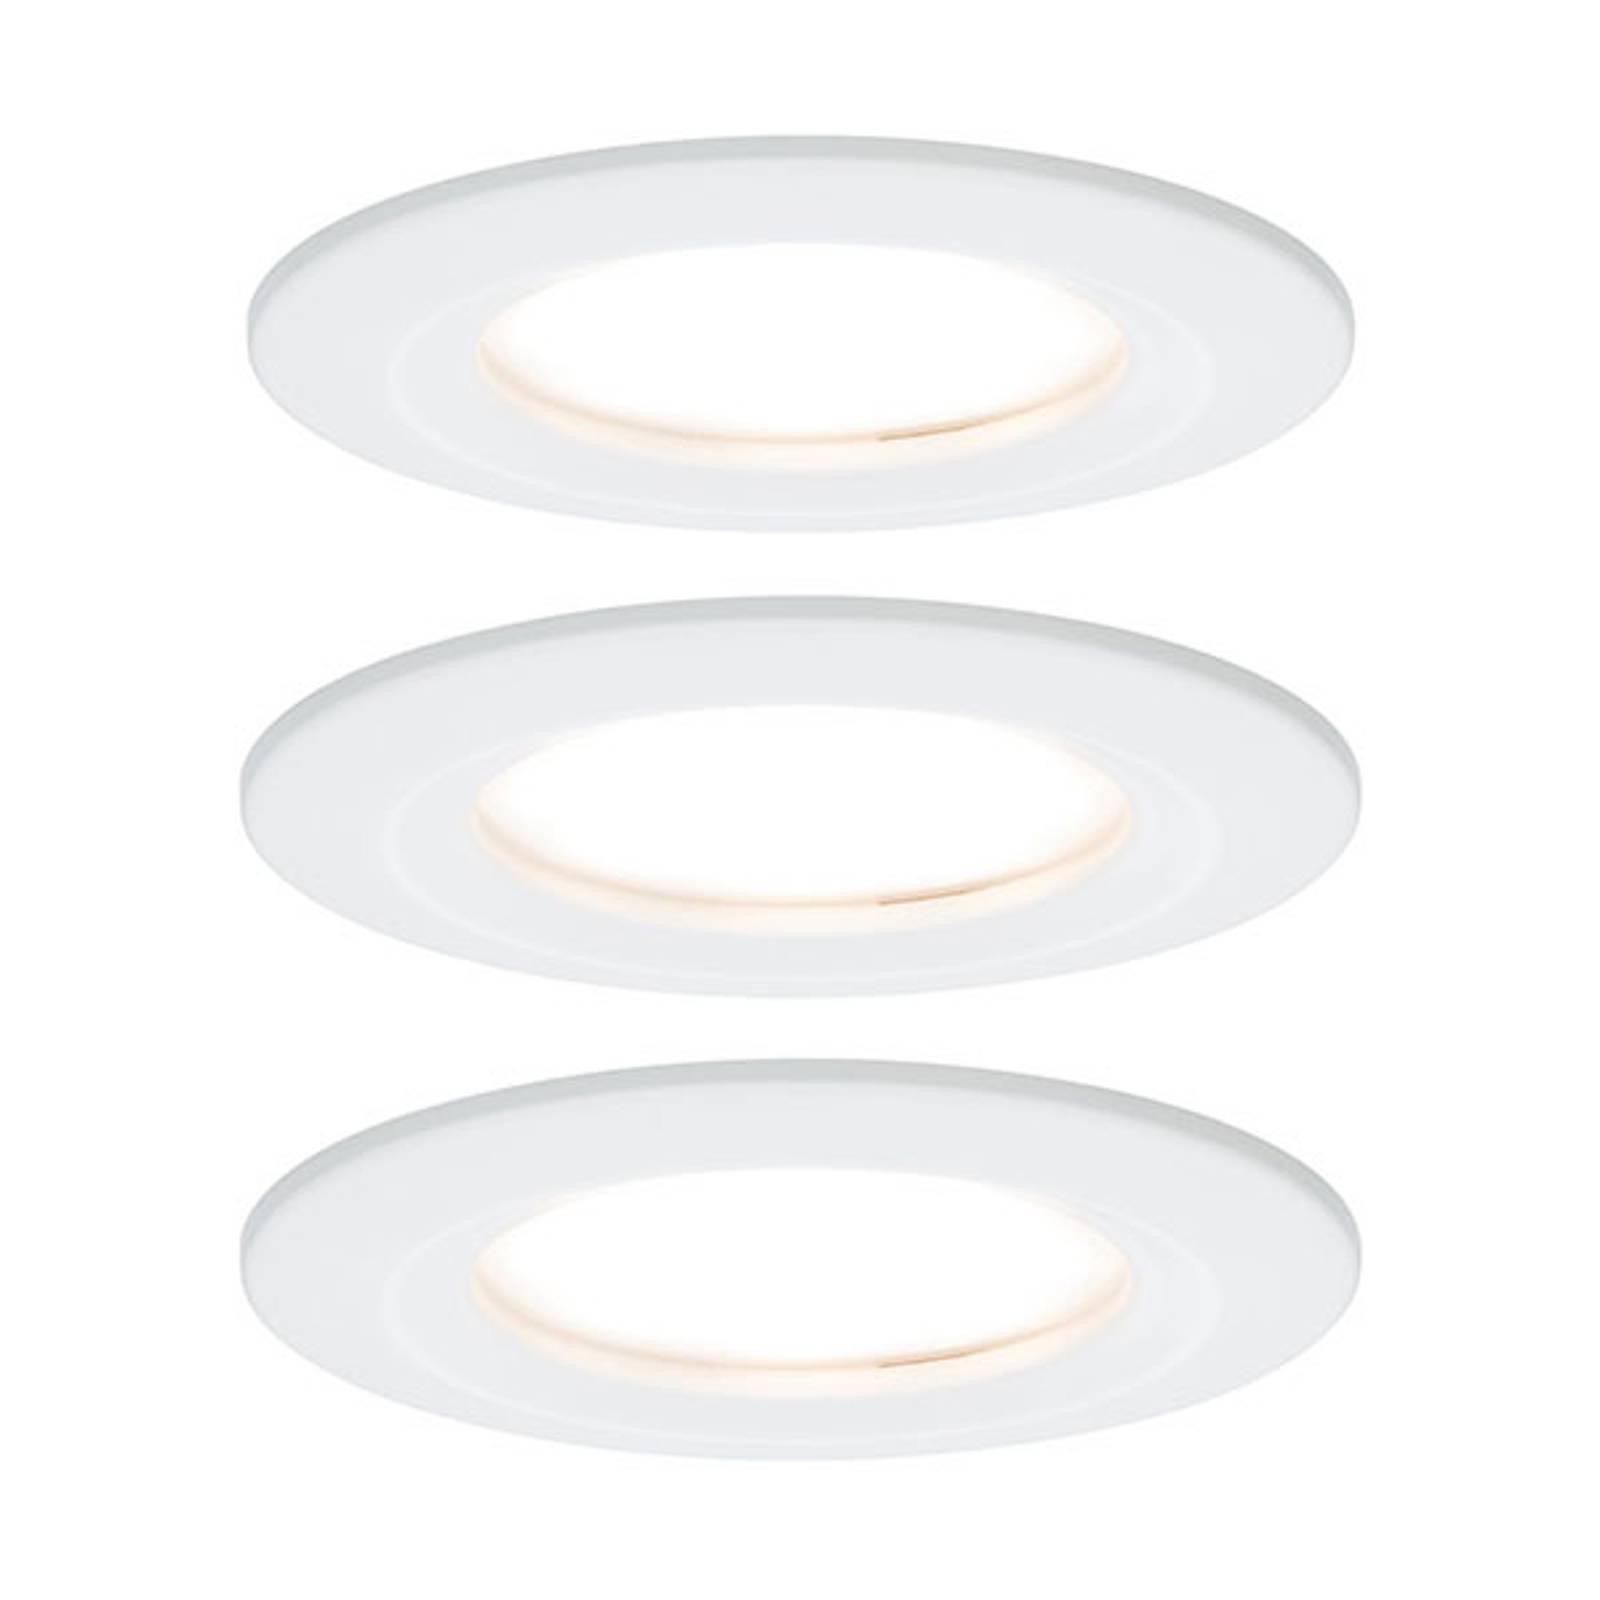 Paulmann Nova -LED-uppovalaisin 3 kpl valkoinen